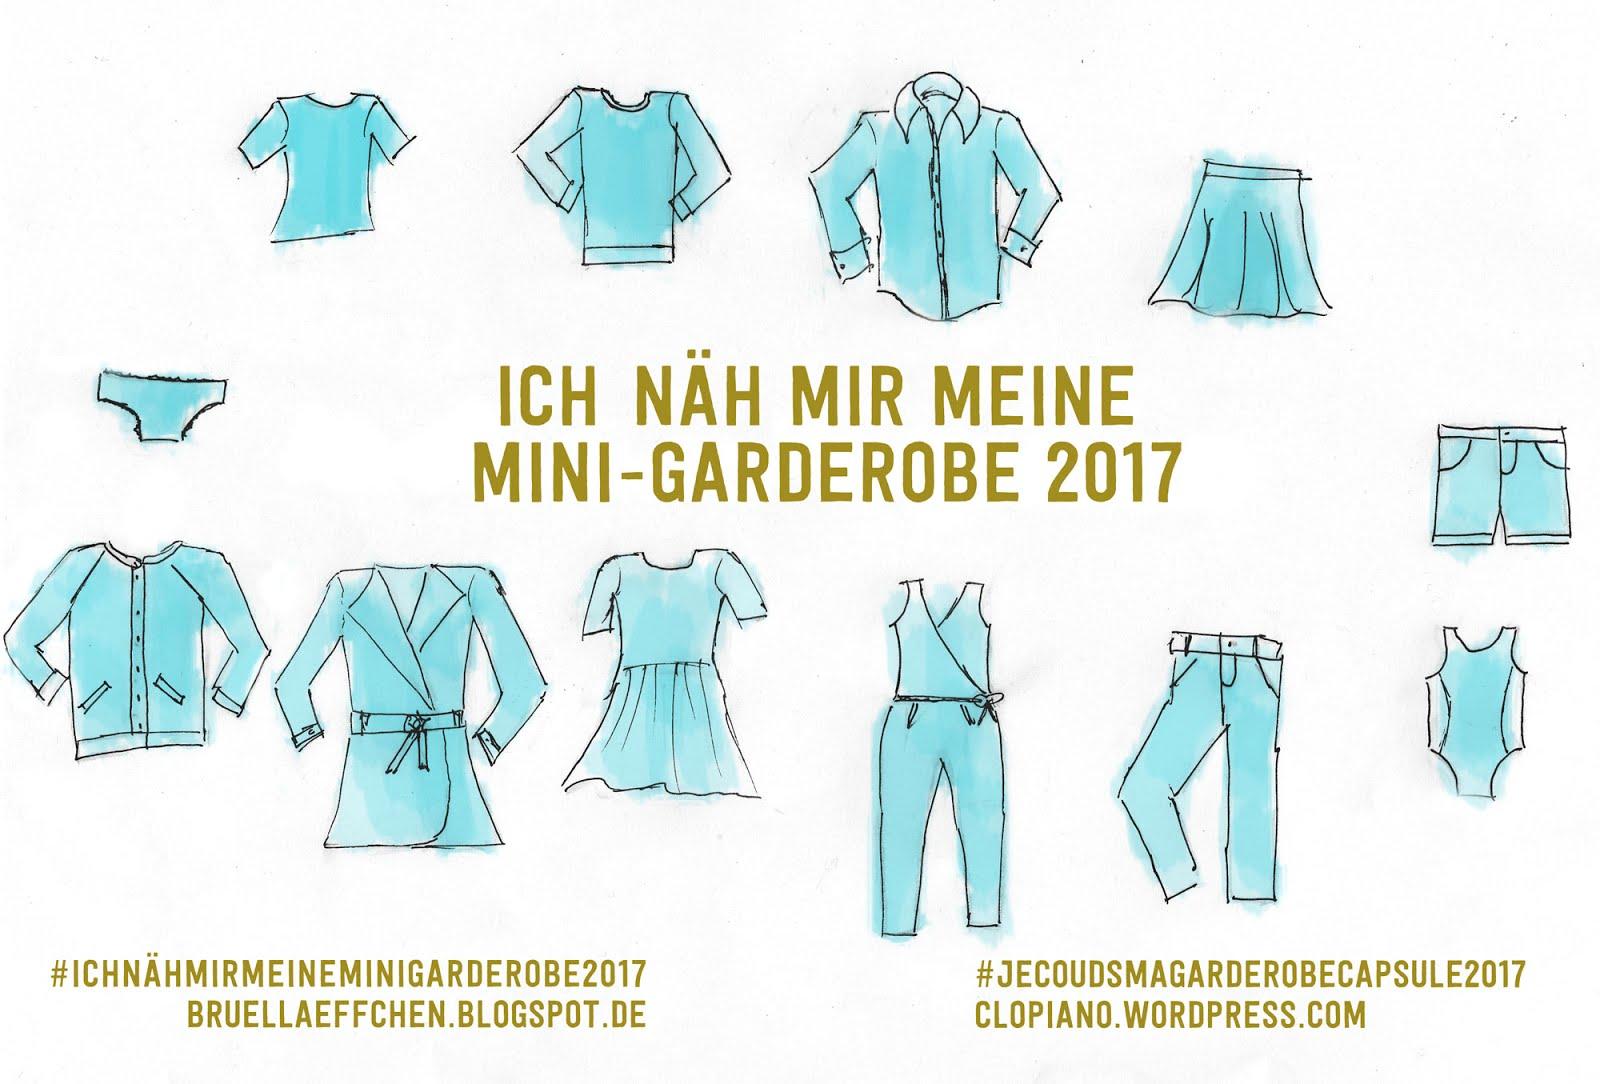 #Ich nähe mir meine Mini-Garderobe 2017